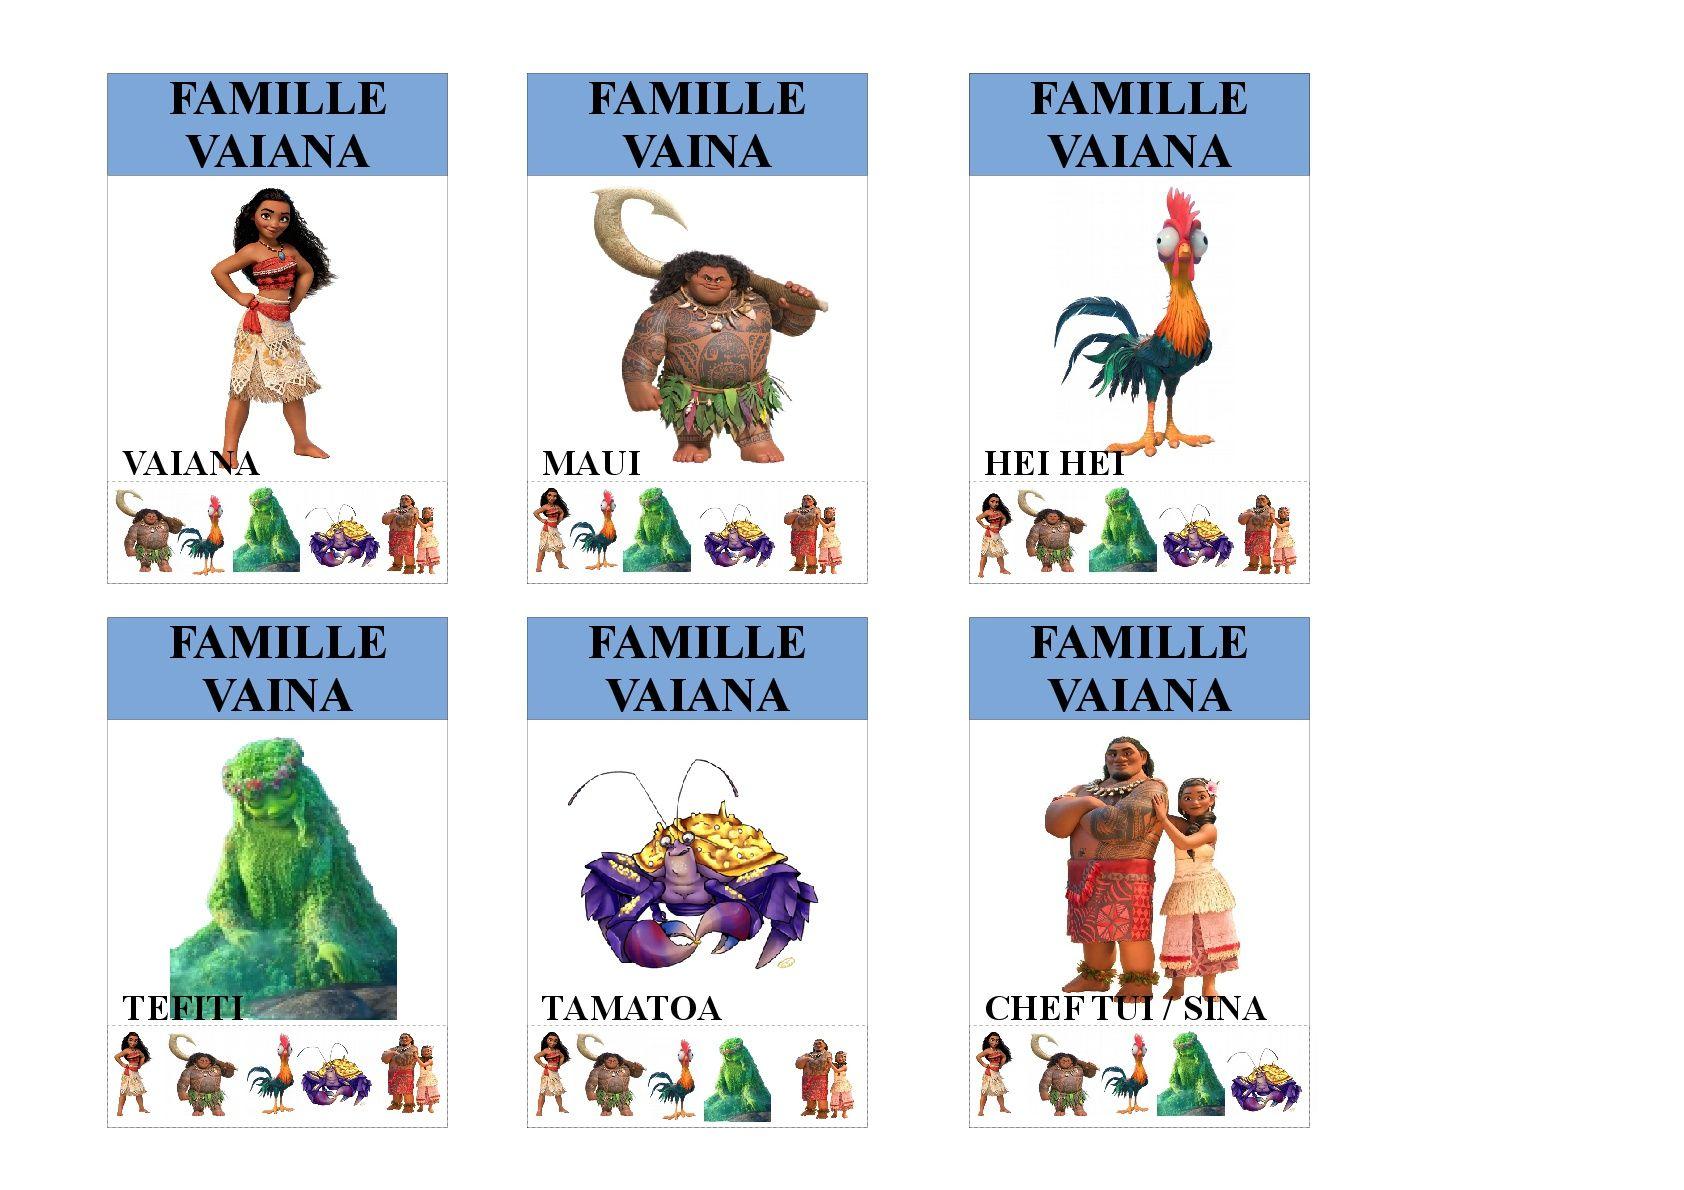 Famille Vaiana Jeu Des 7 Familles Utilisable Pour Les Plus Jeunes Vu Que Tous Les Membres Des Familles Sont Ind Jeux Des 7 Familles Jeux Disney Jeux En Famille